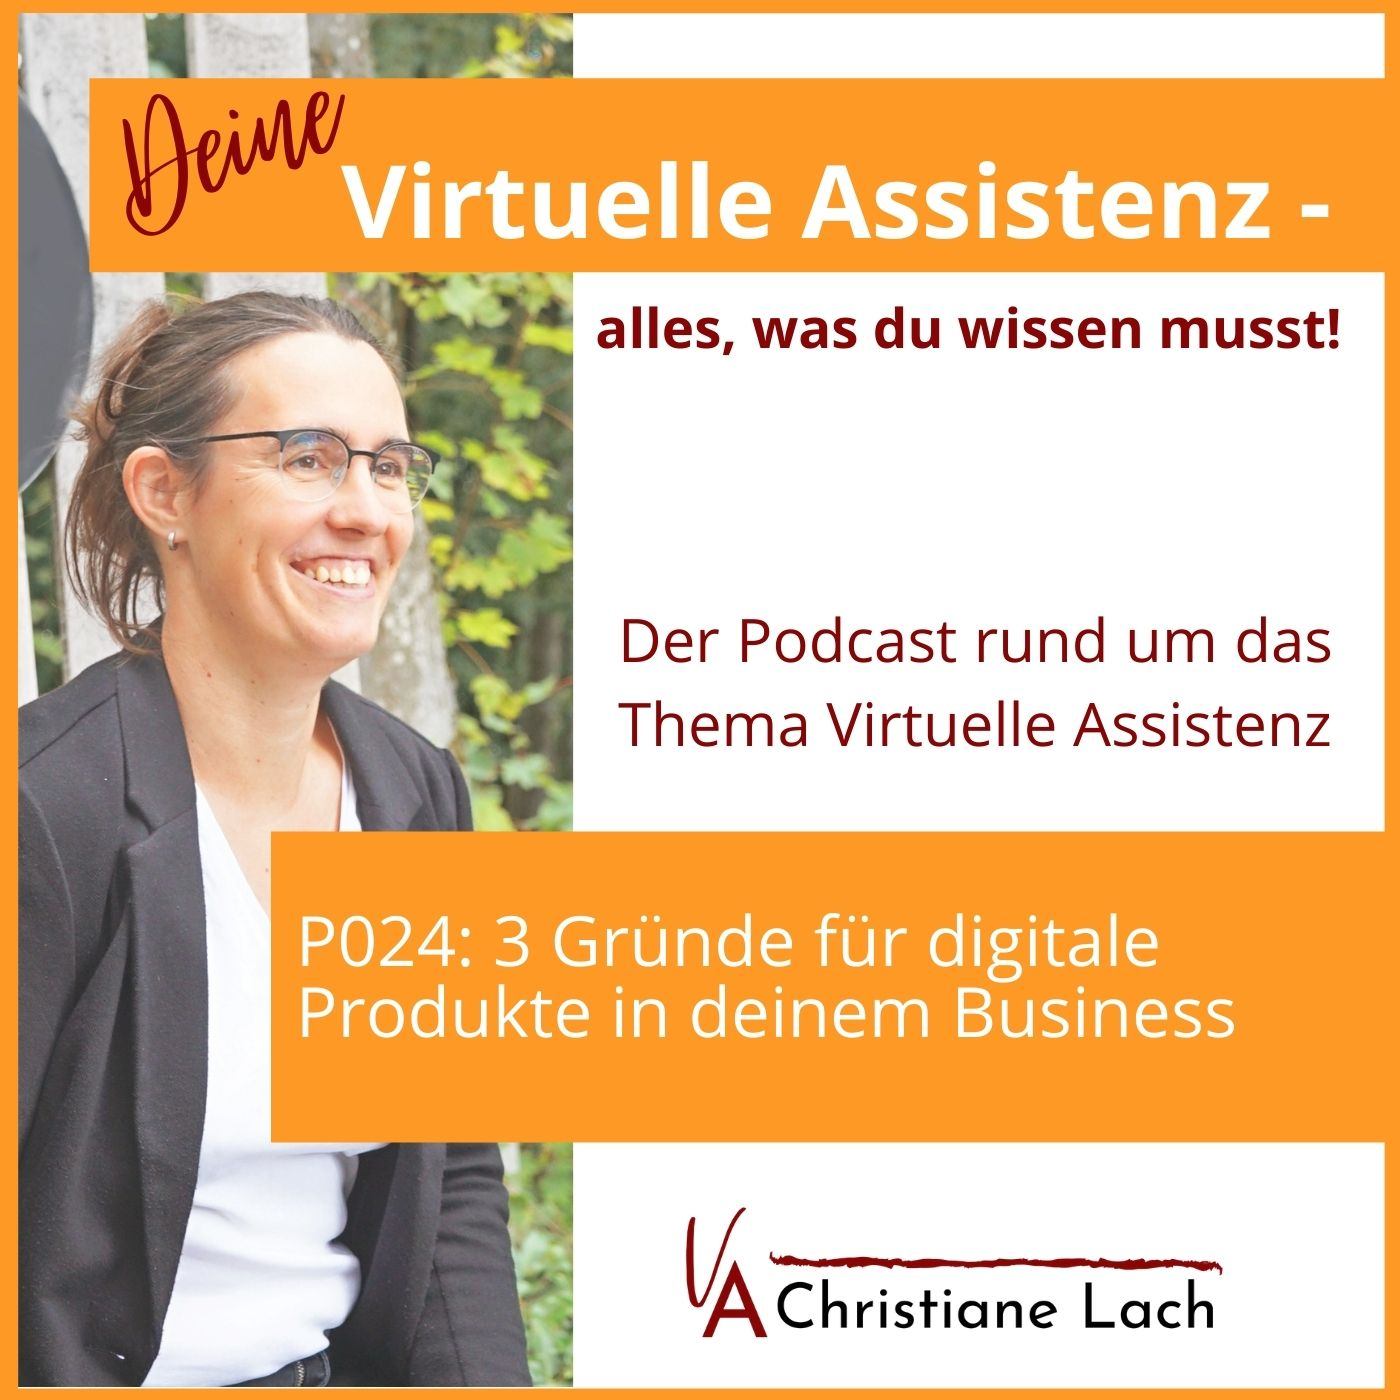 P024: 3 Gründe für digitale Produkte in deinem Business